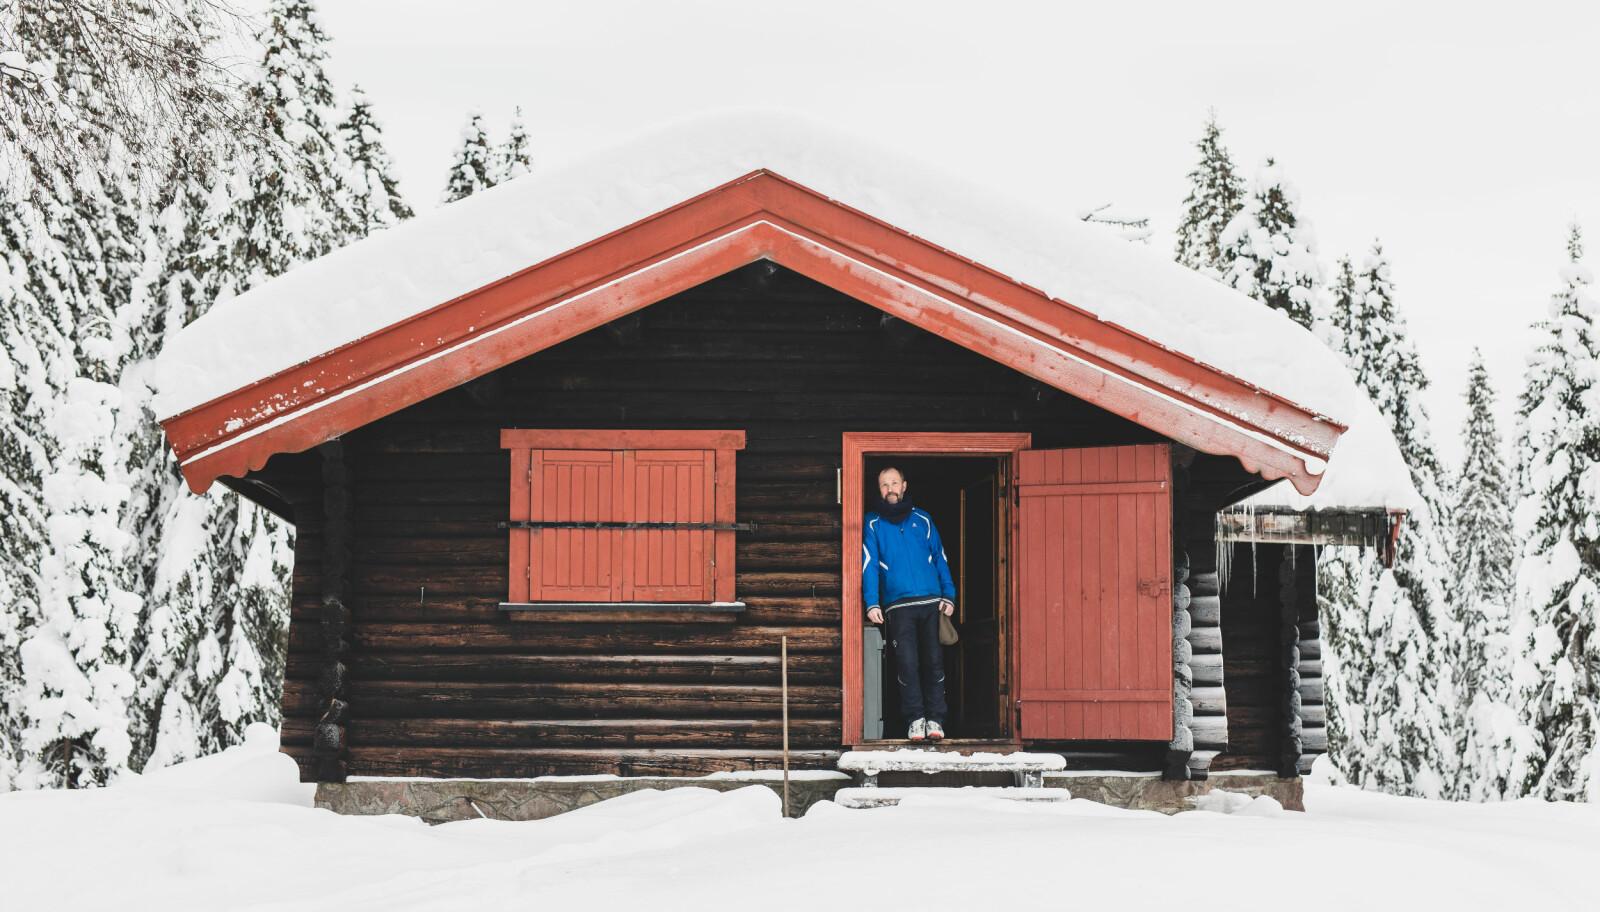 """<span class="""" italic"""" data-lab-italic_desktop=""""italic"""">Lars Elling eier en enkel hytte i Nordmarka sammen med en kompis. – Jeg liker marginal komfort og den korte veien til belønningen.</span>"""